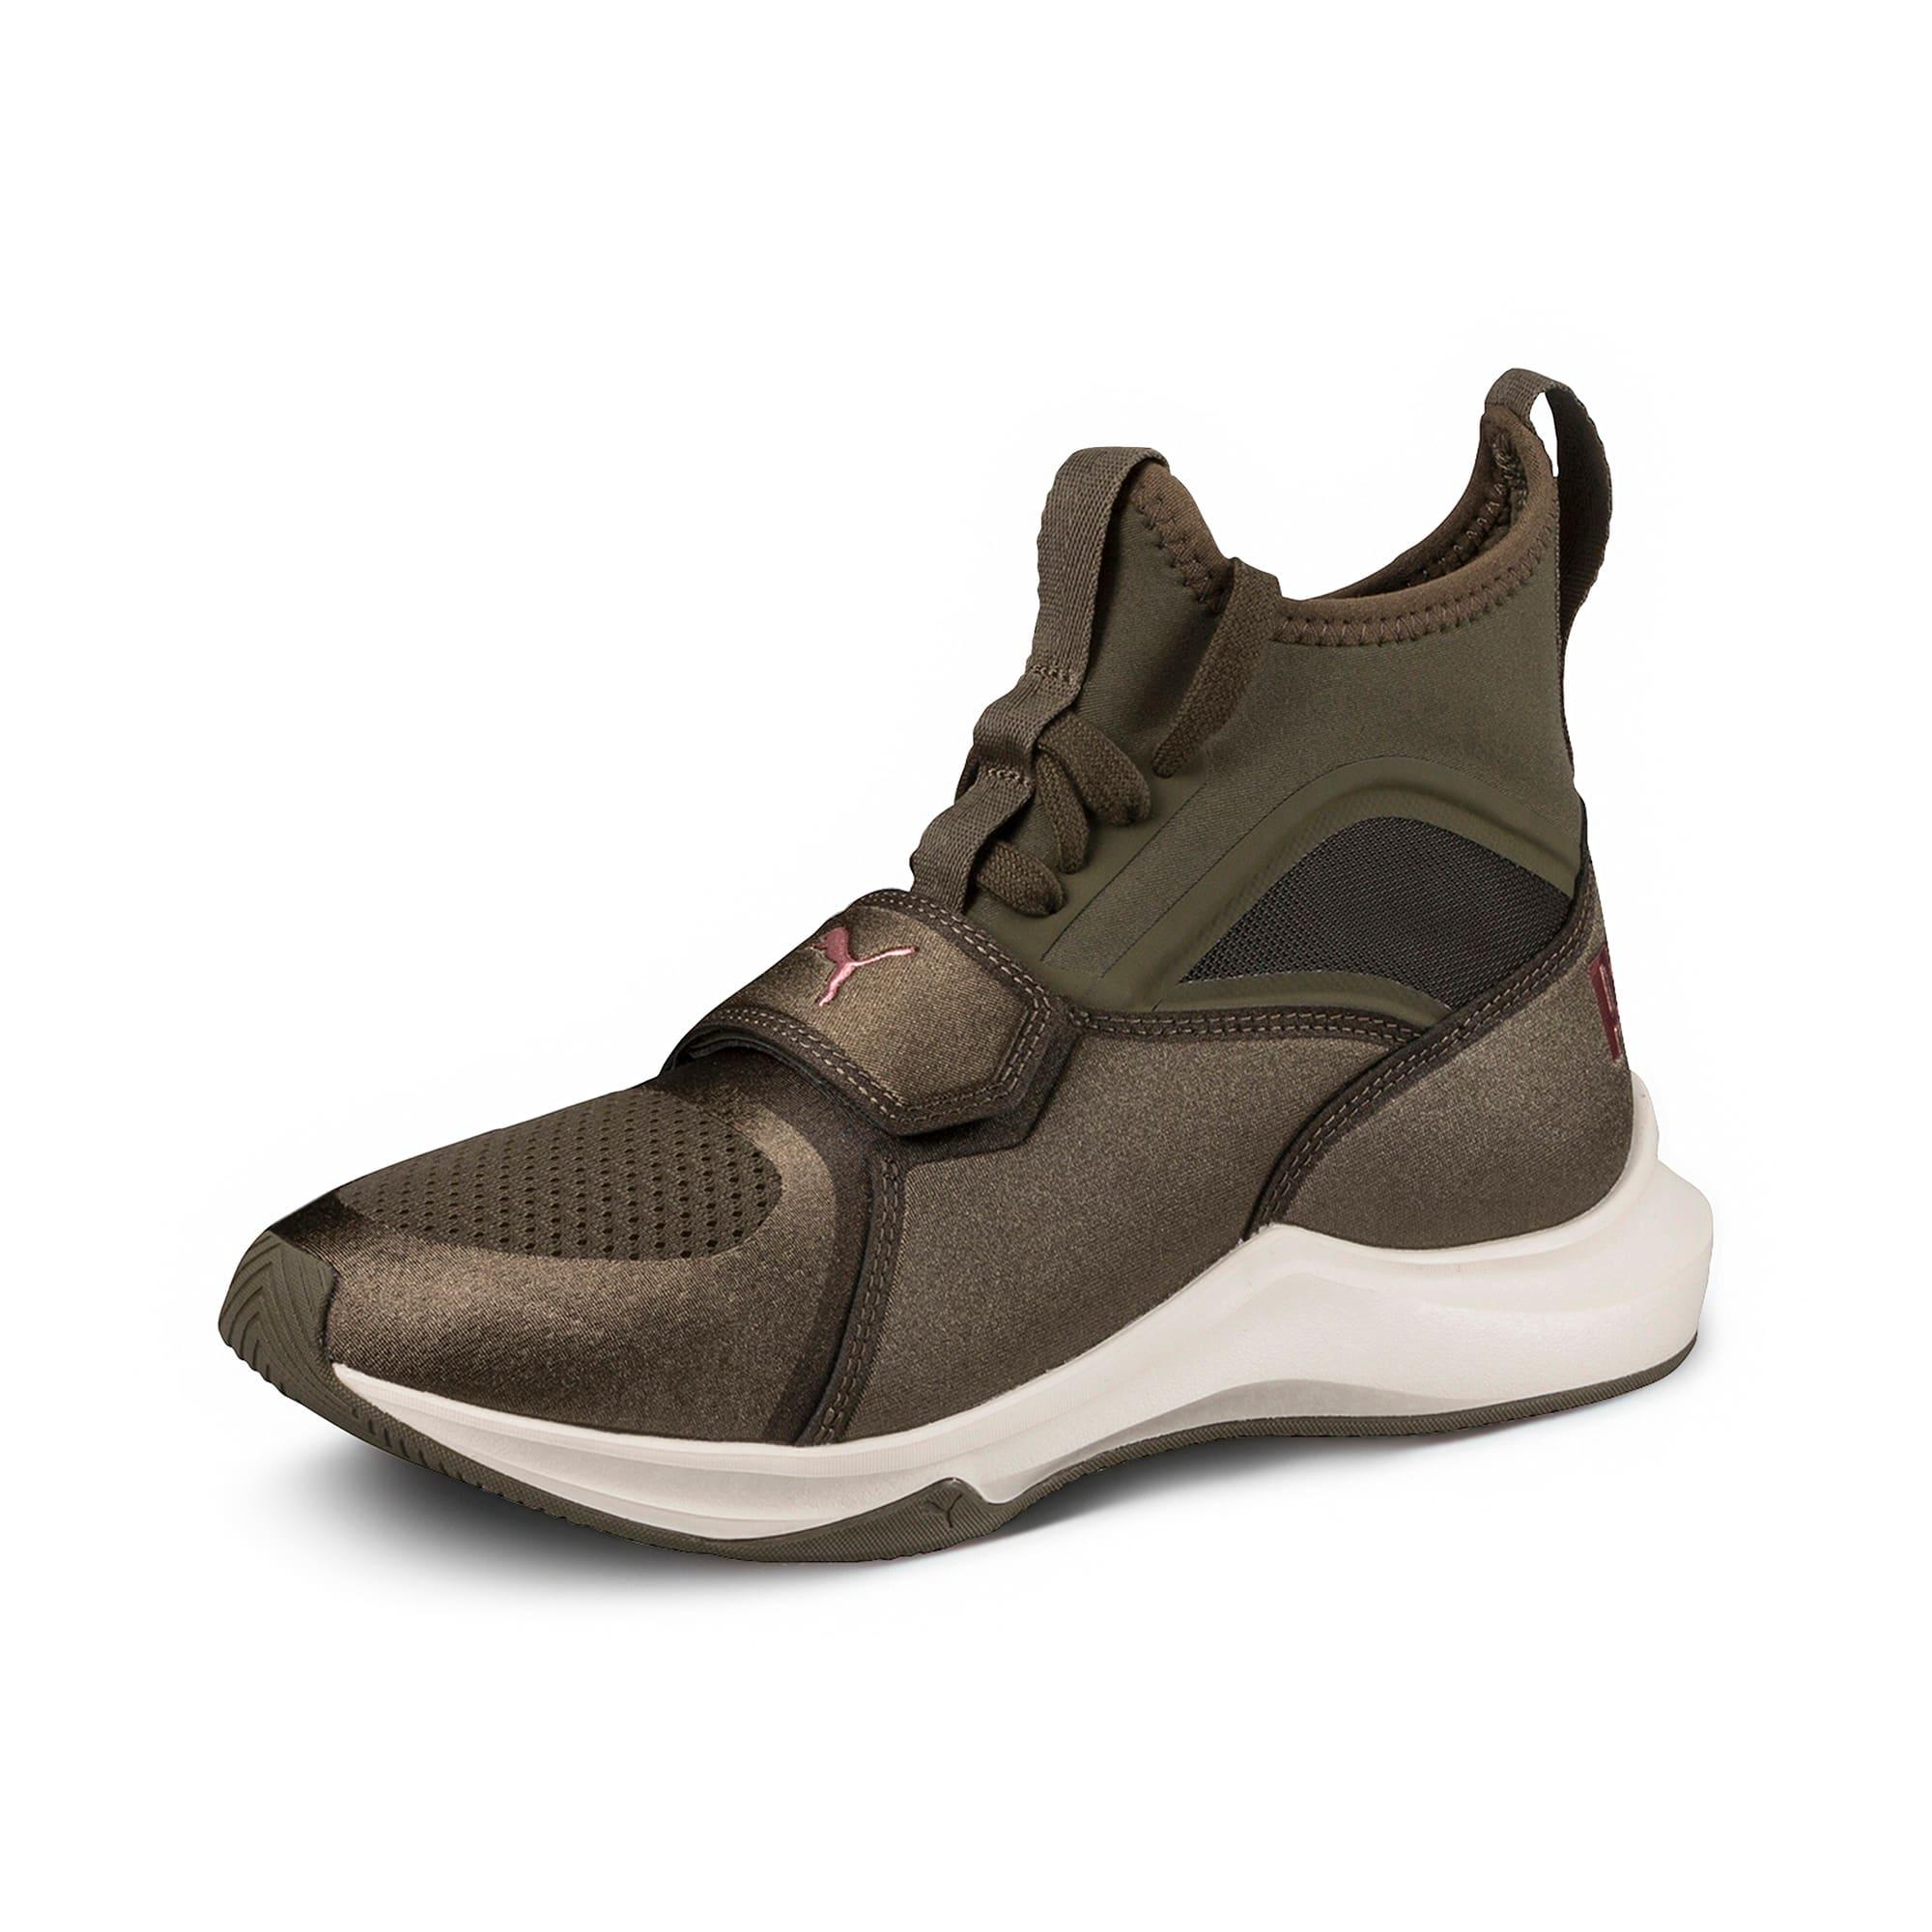 Chaussure pour l'entraînement Phenom pour femme